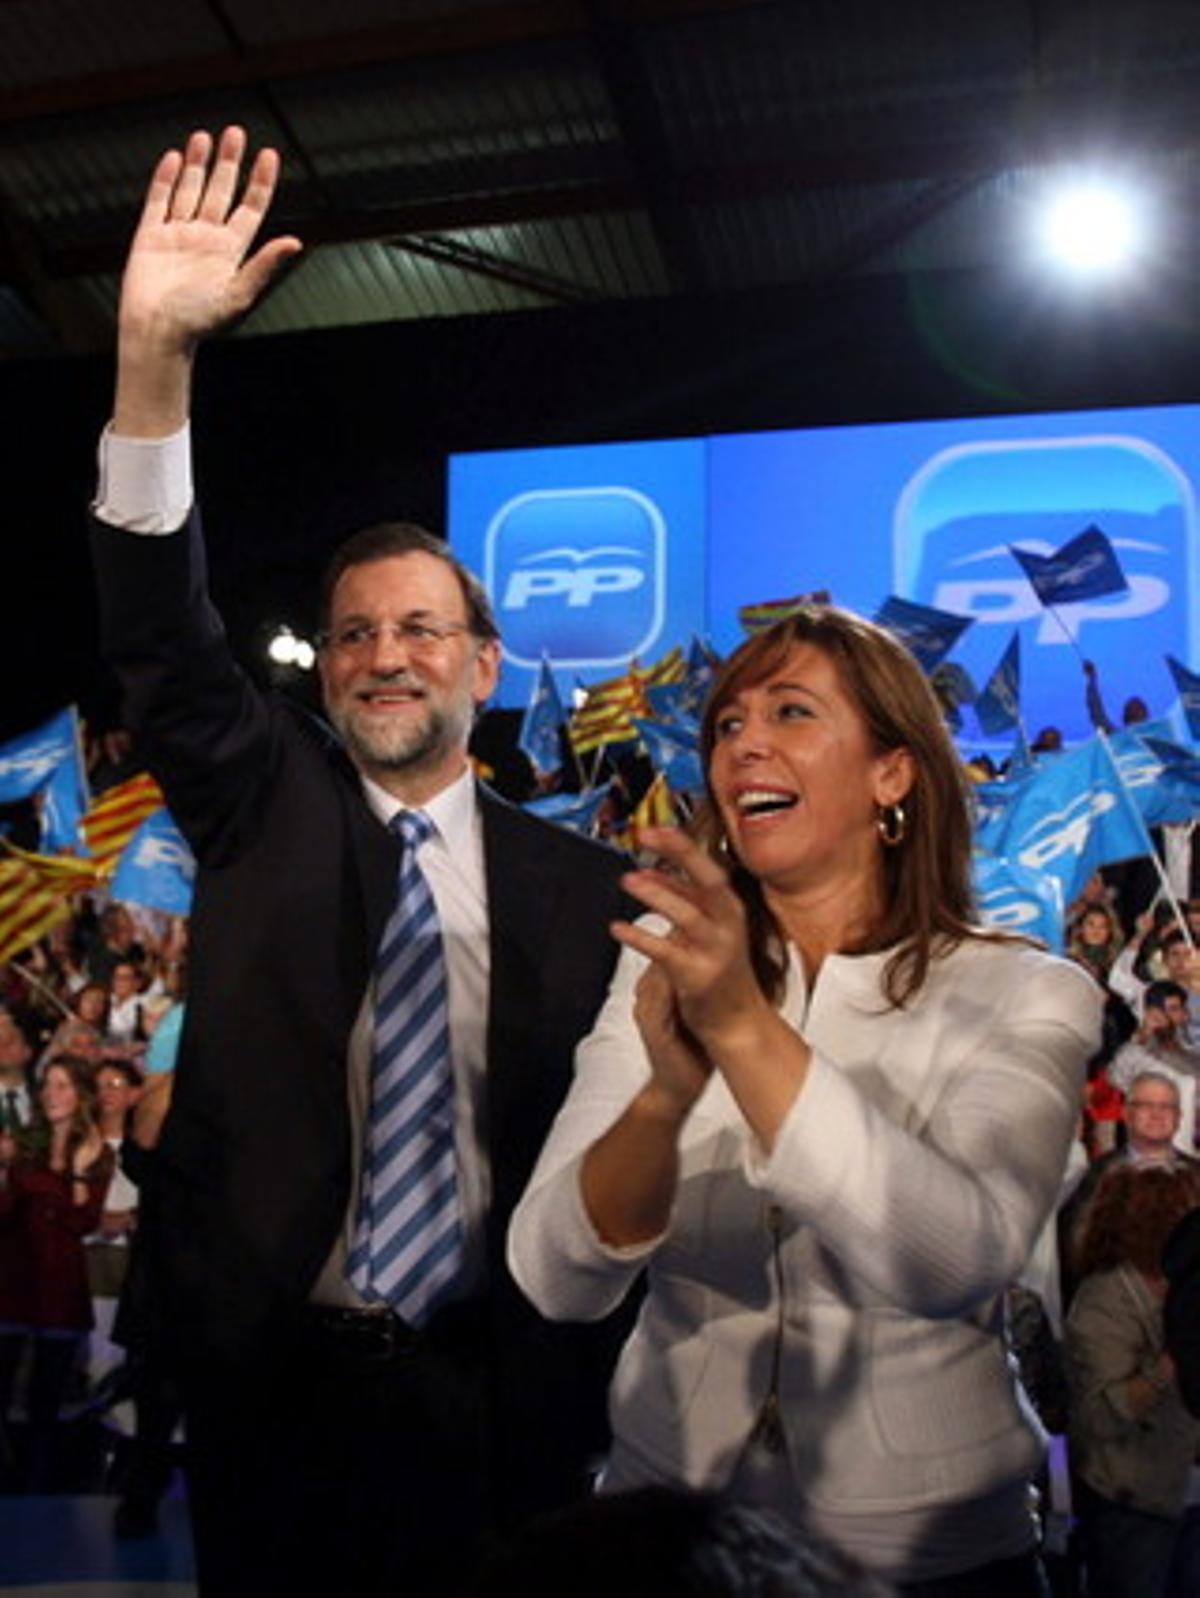 Mariano Rajoy y Alicia Sánchez-Camacho en L'Hospitalet de Llobregat.